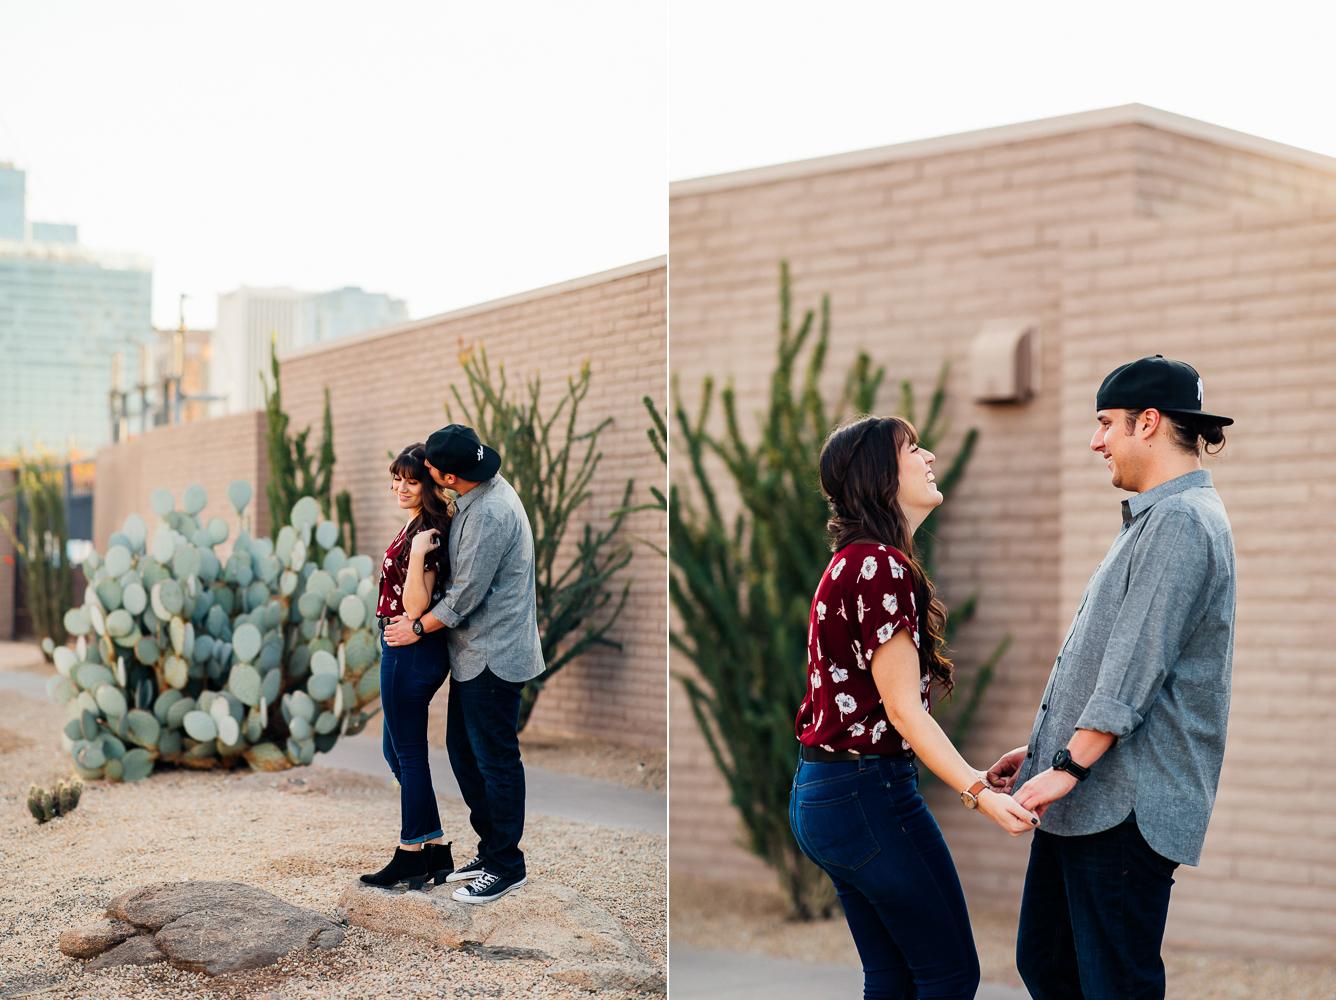 Downtown Phoenix engagement session - Best Phoenix Photographer-29.jpg